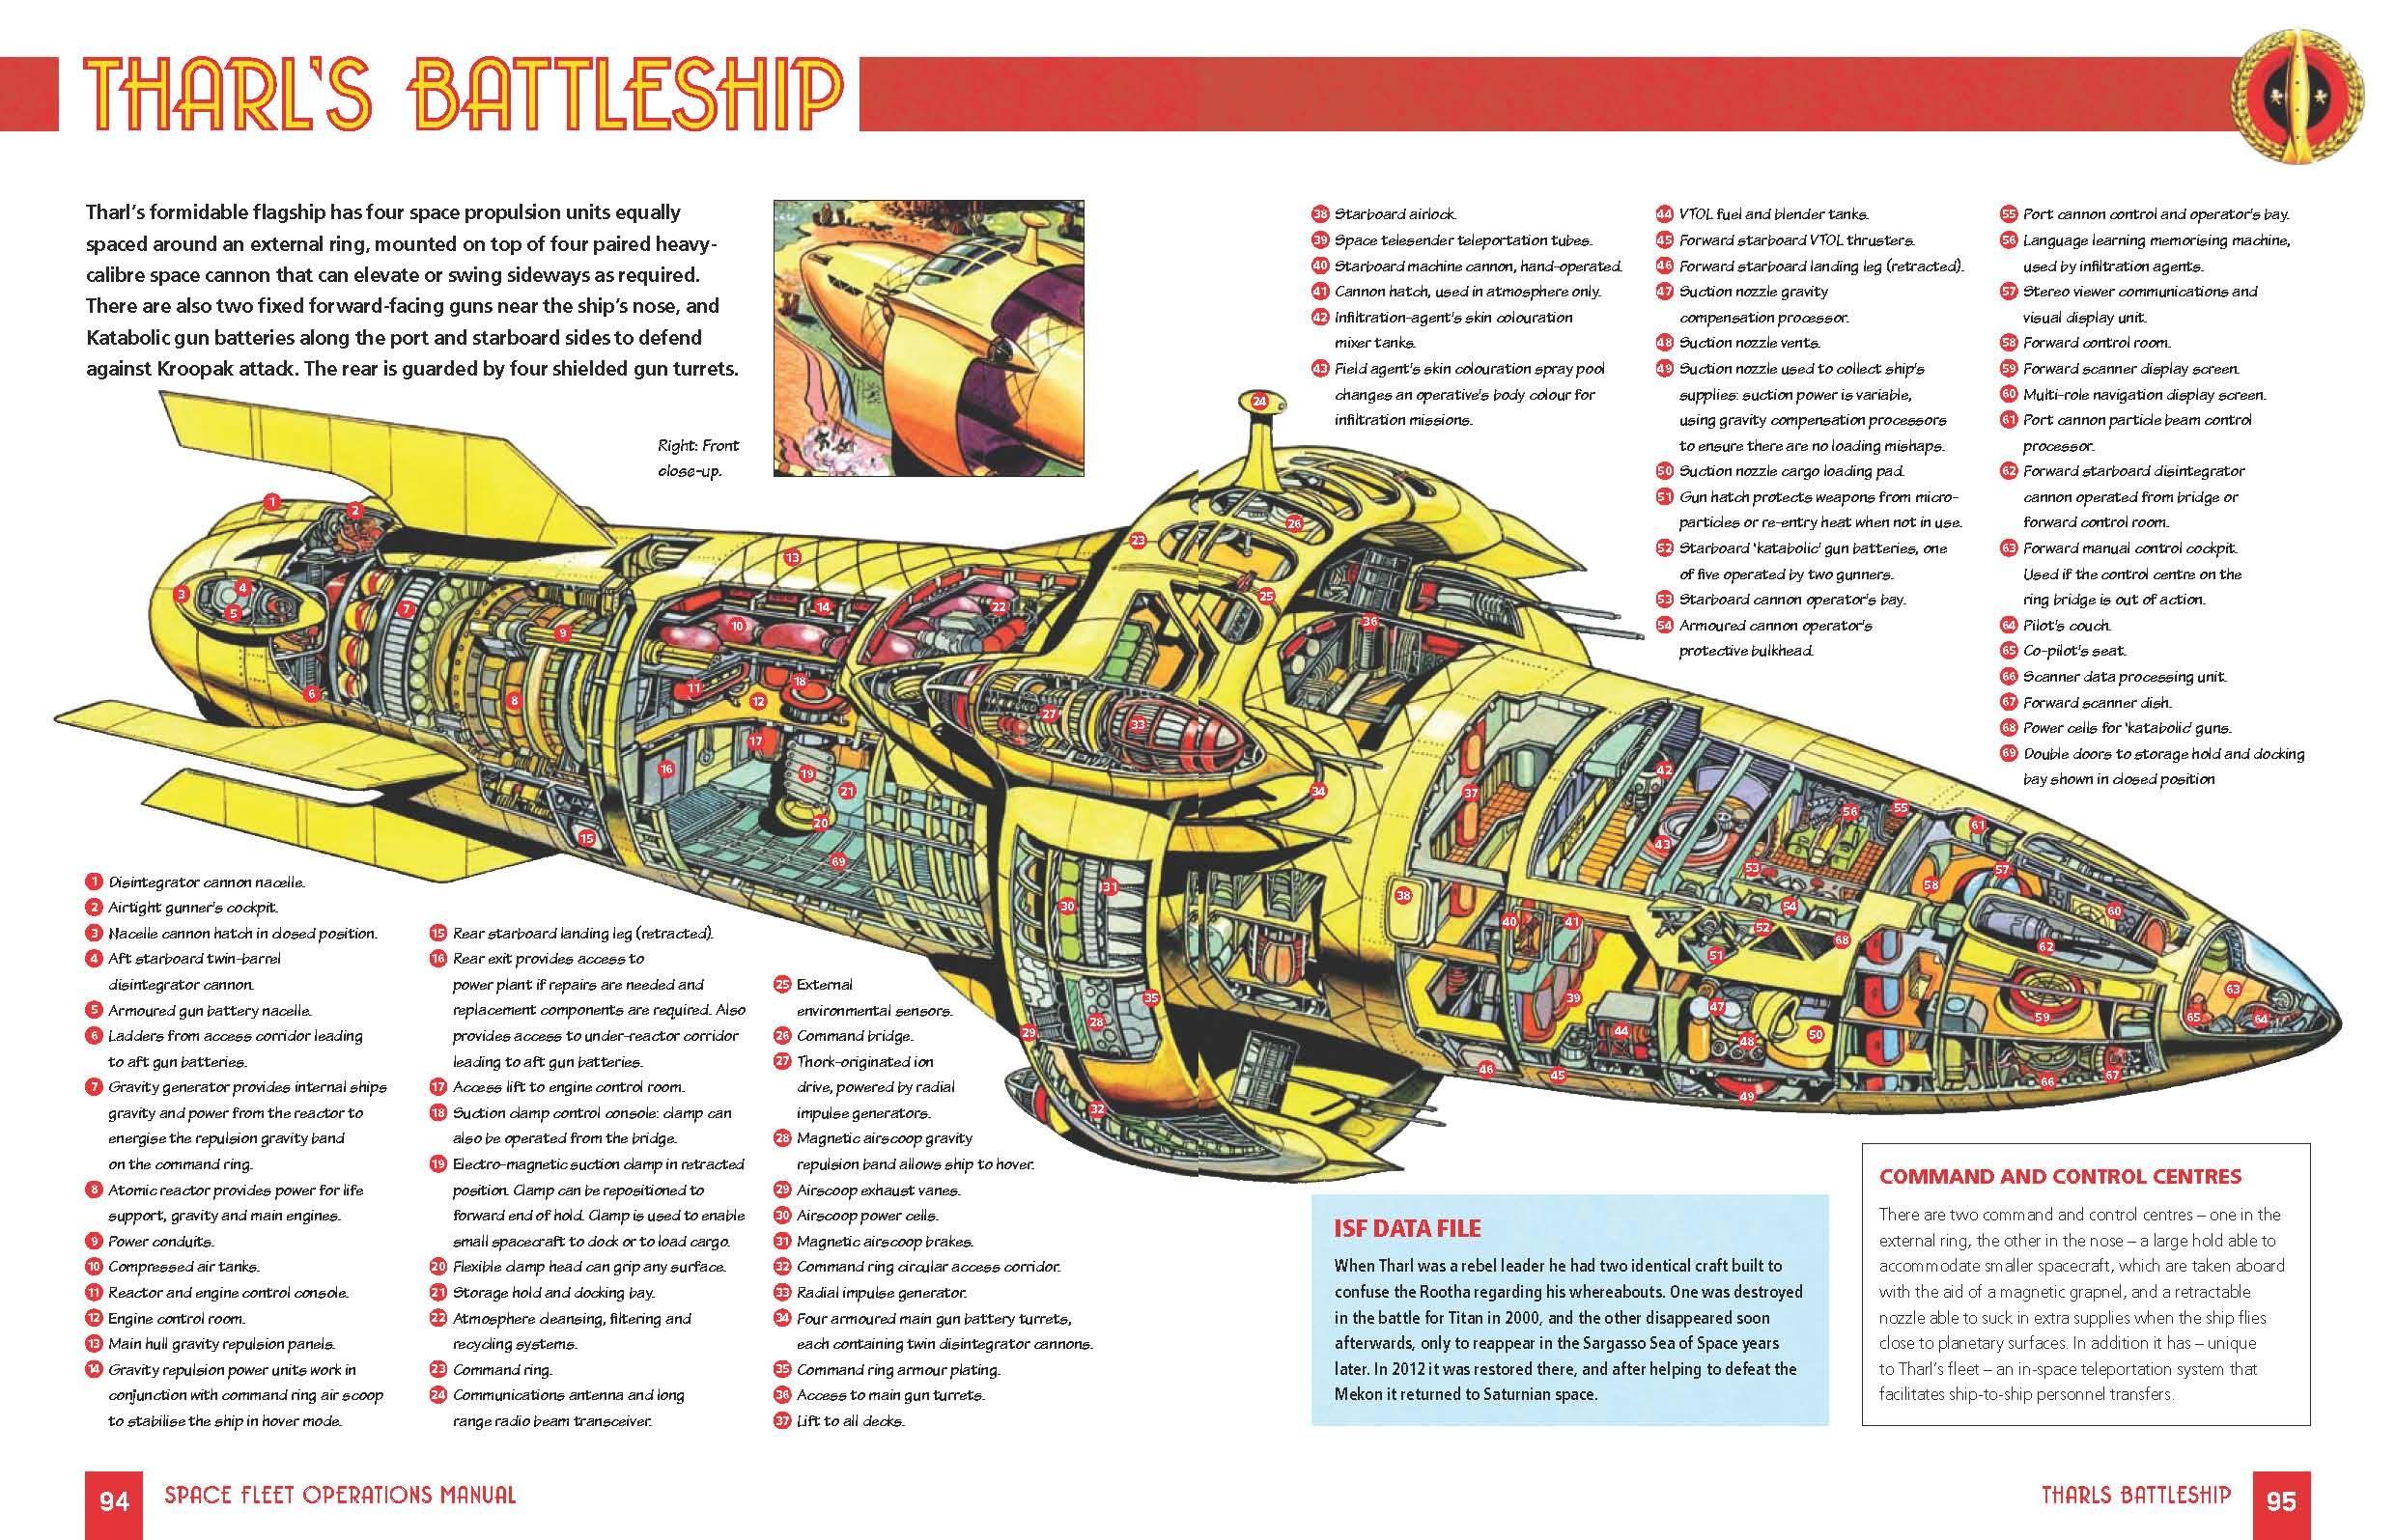 Dan Dare Tharl's Battleship [big!] Spaceships